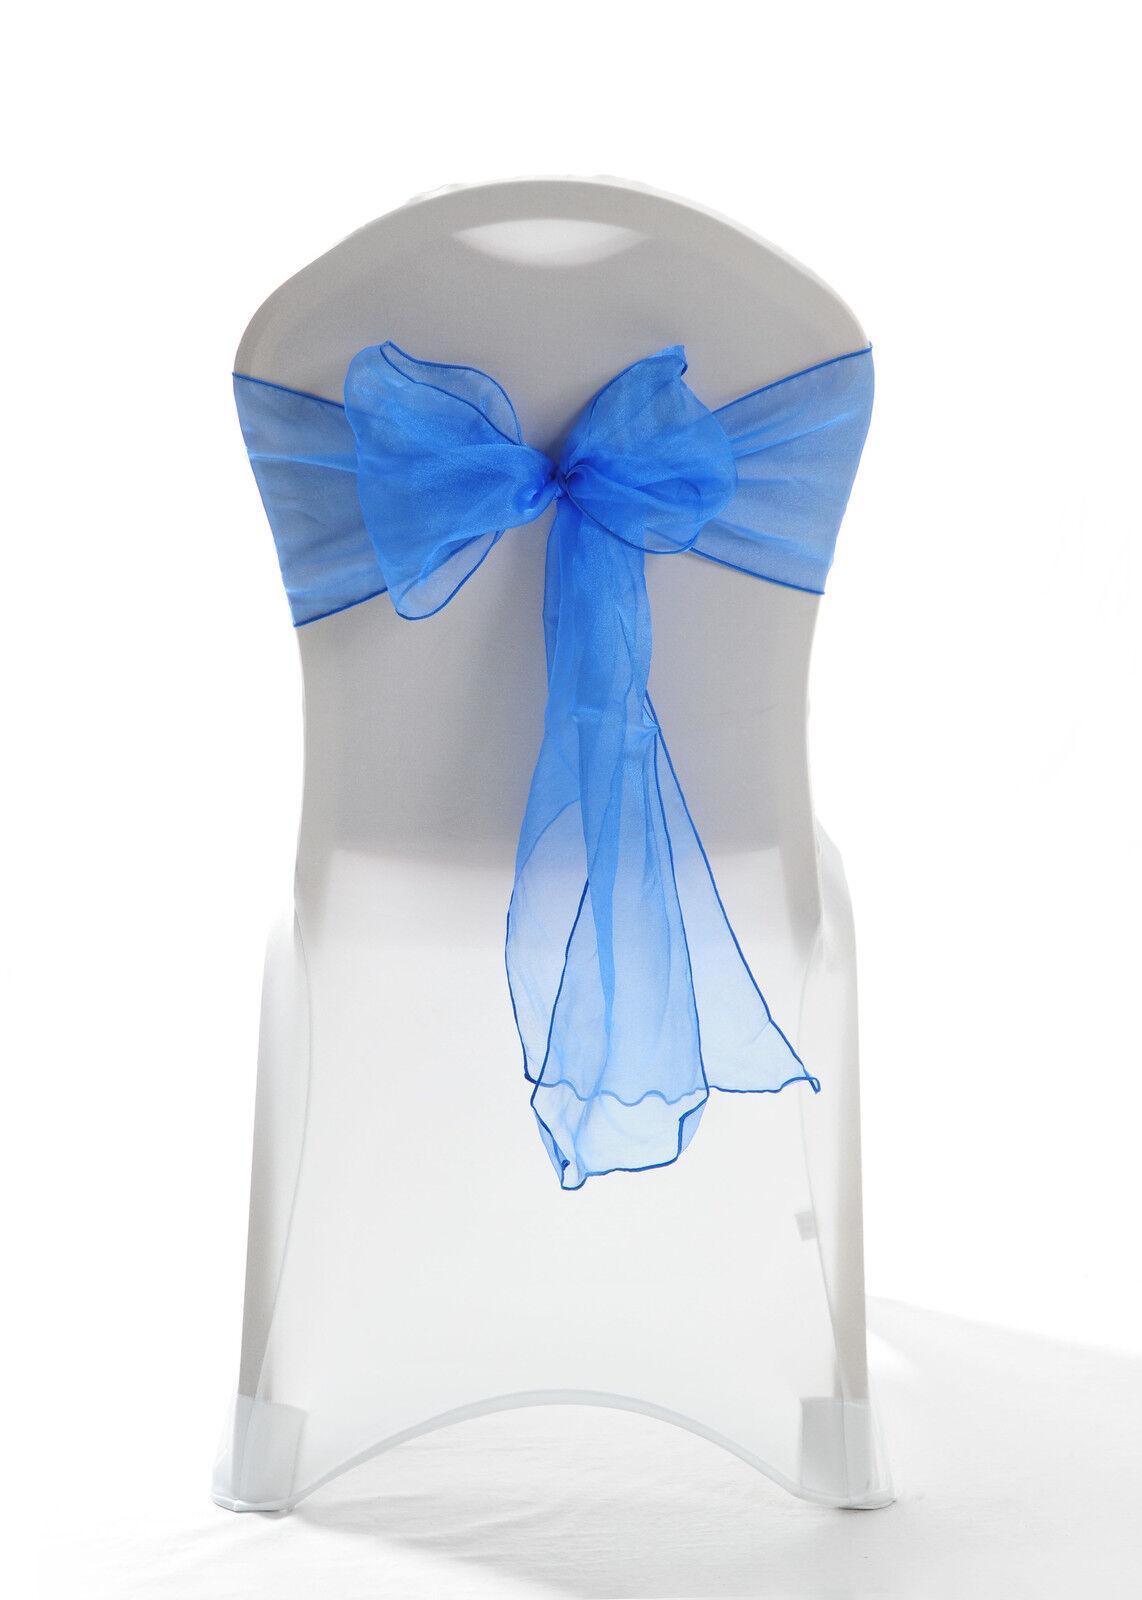 100 Königsblau Glänzend Glänzend Glänzend Organza Stuhlbezug Schleife Schärpe Hochzeit UK | Abgabepreis  | Deutschland Online Shop  | Charakteristisch  98f37b